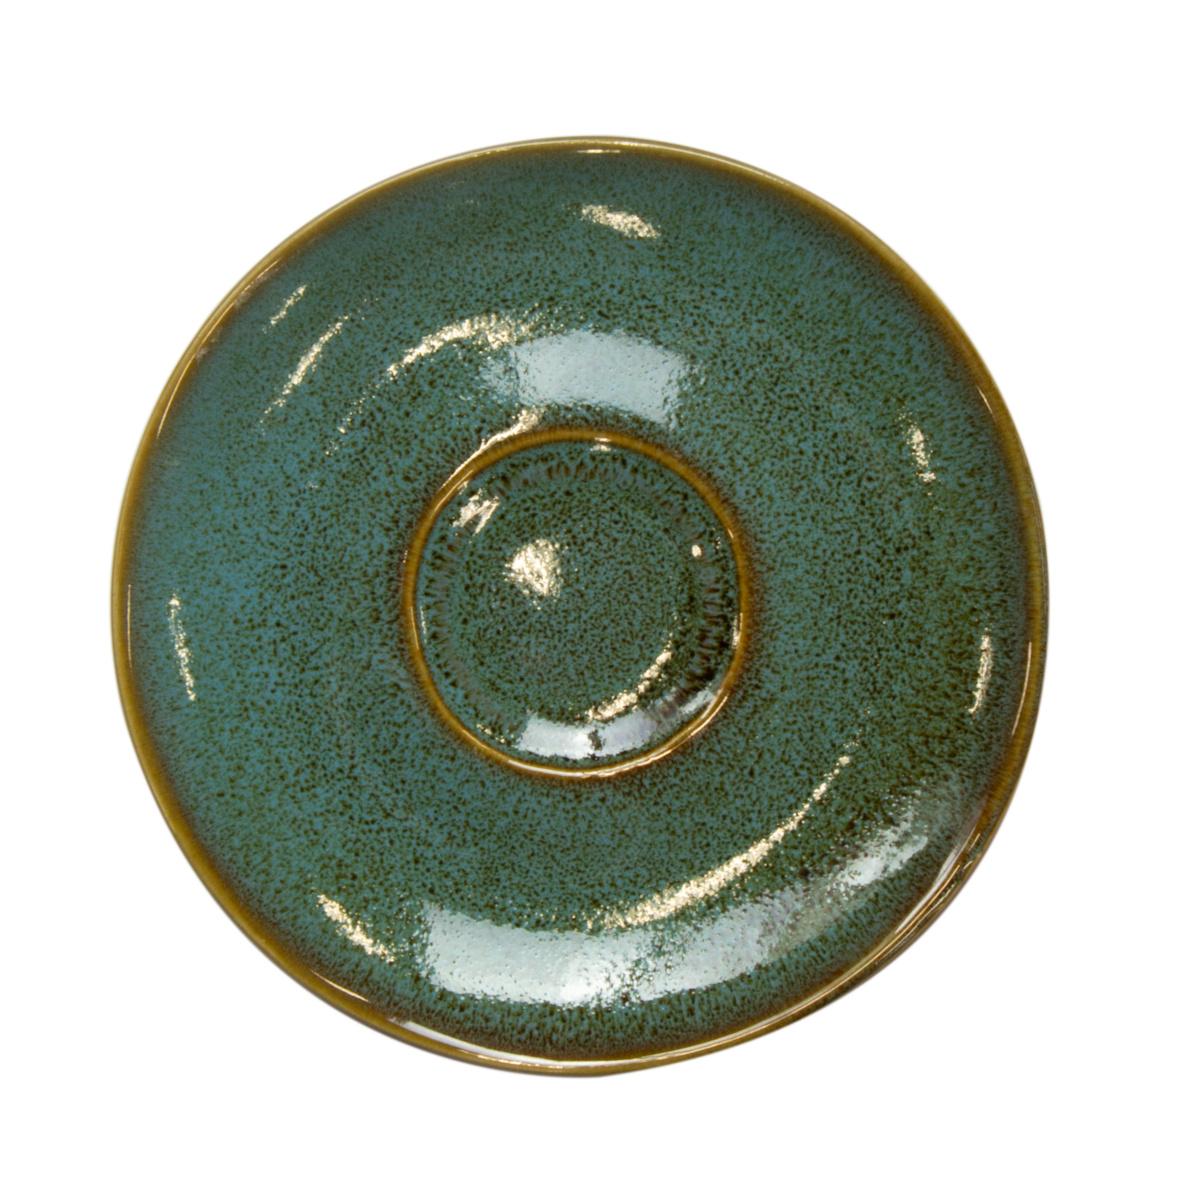 Sous tasse ronde verte grès Ø 14 cm Sky Pro.mundi